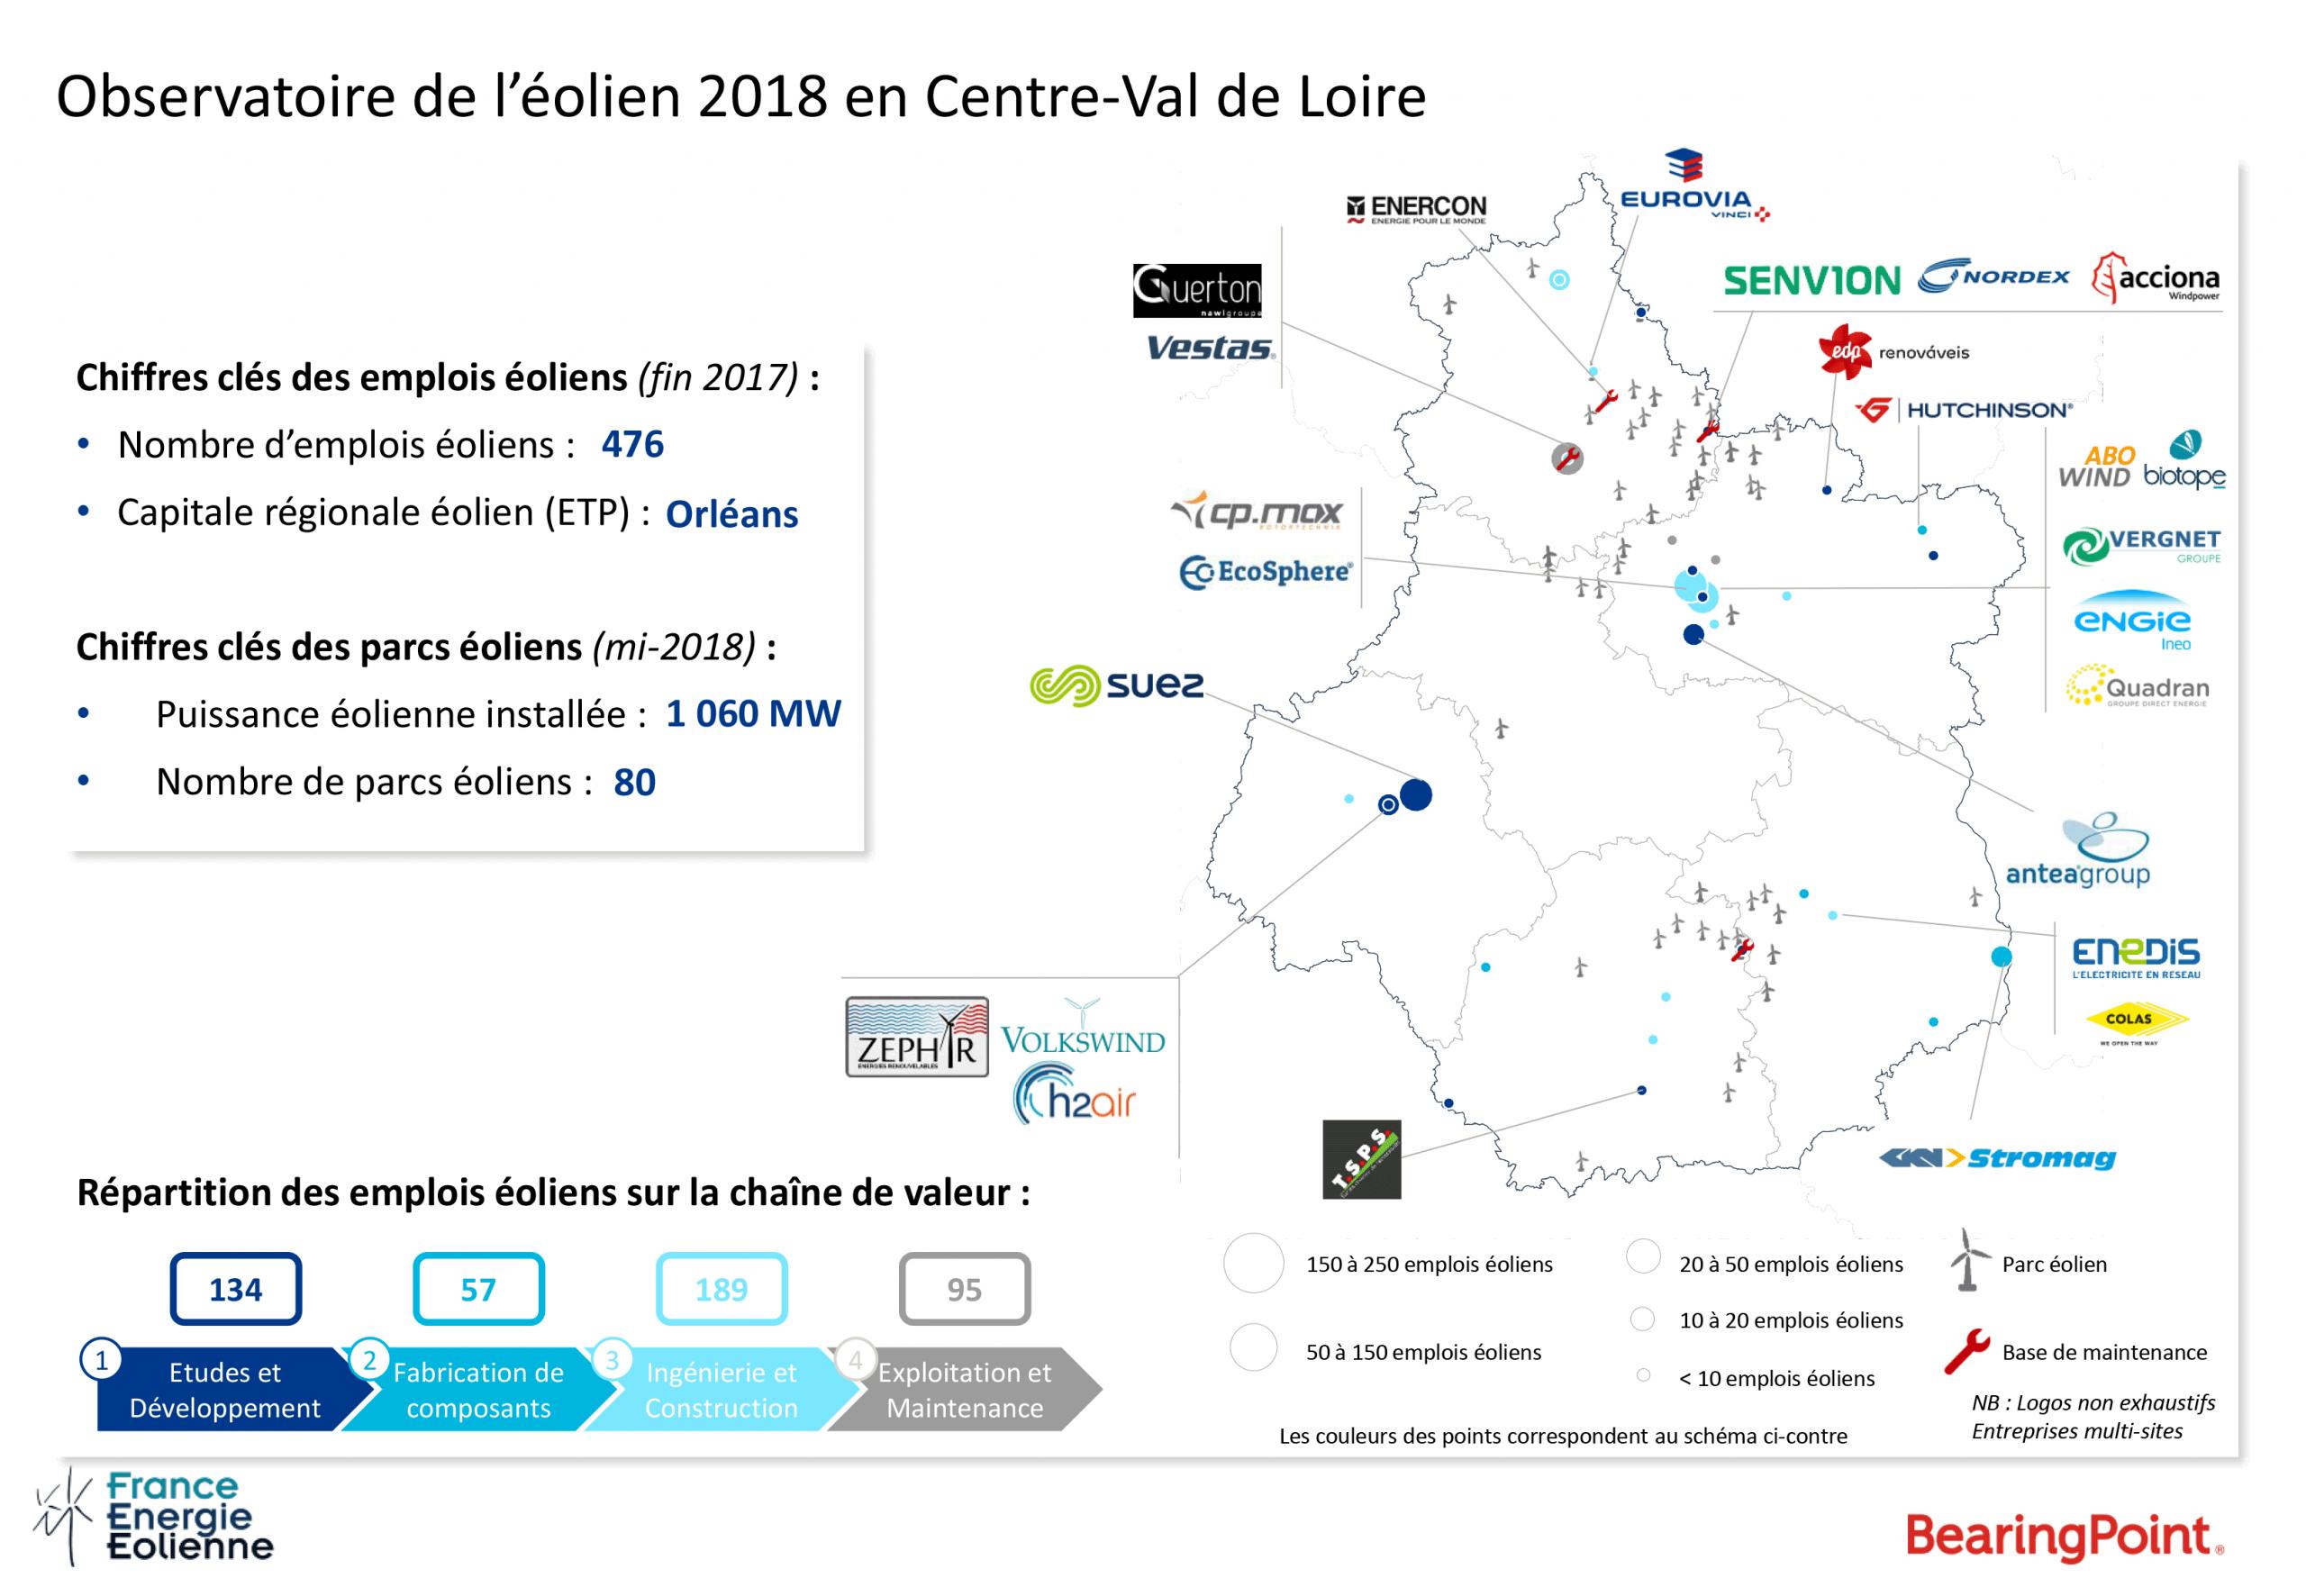 Les Groupes Régionaux - France Energie Eolienne concernant Nombre De Régions En France 2017